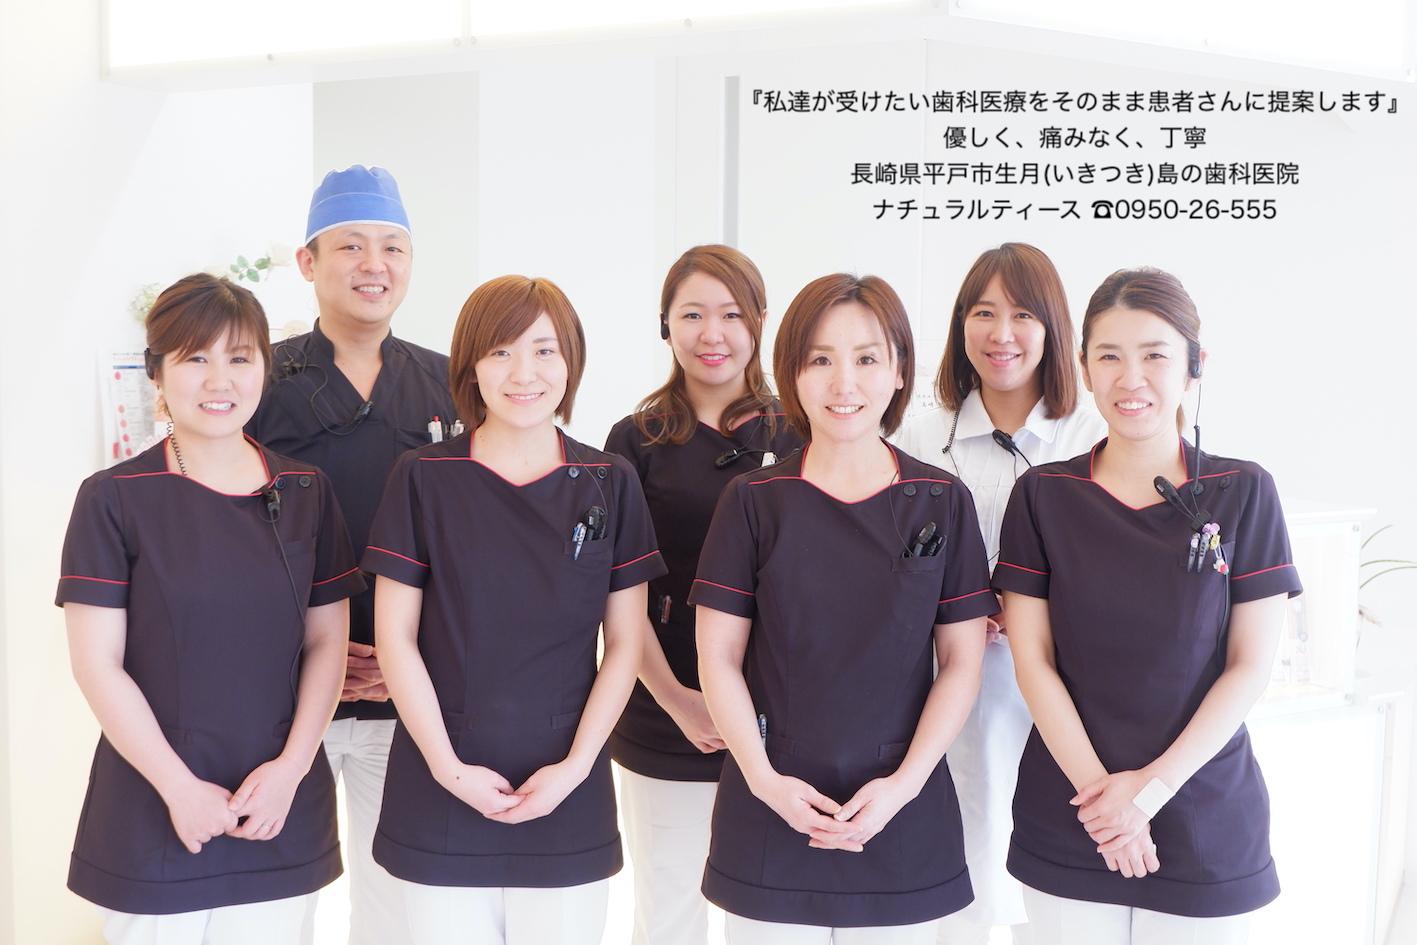 生月 歯医者 歯周病 虫歯 予防 佐世保 平戸 松浦 佐々 江迎 マイクロスコープ